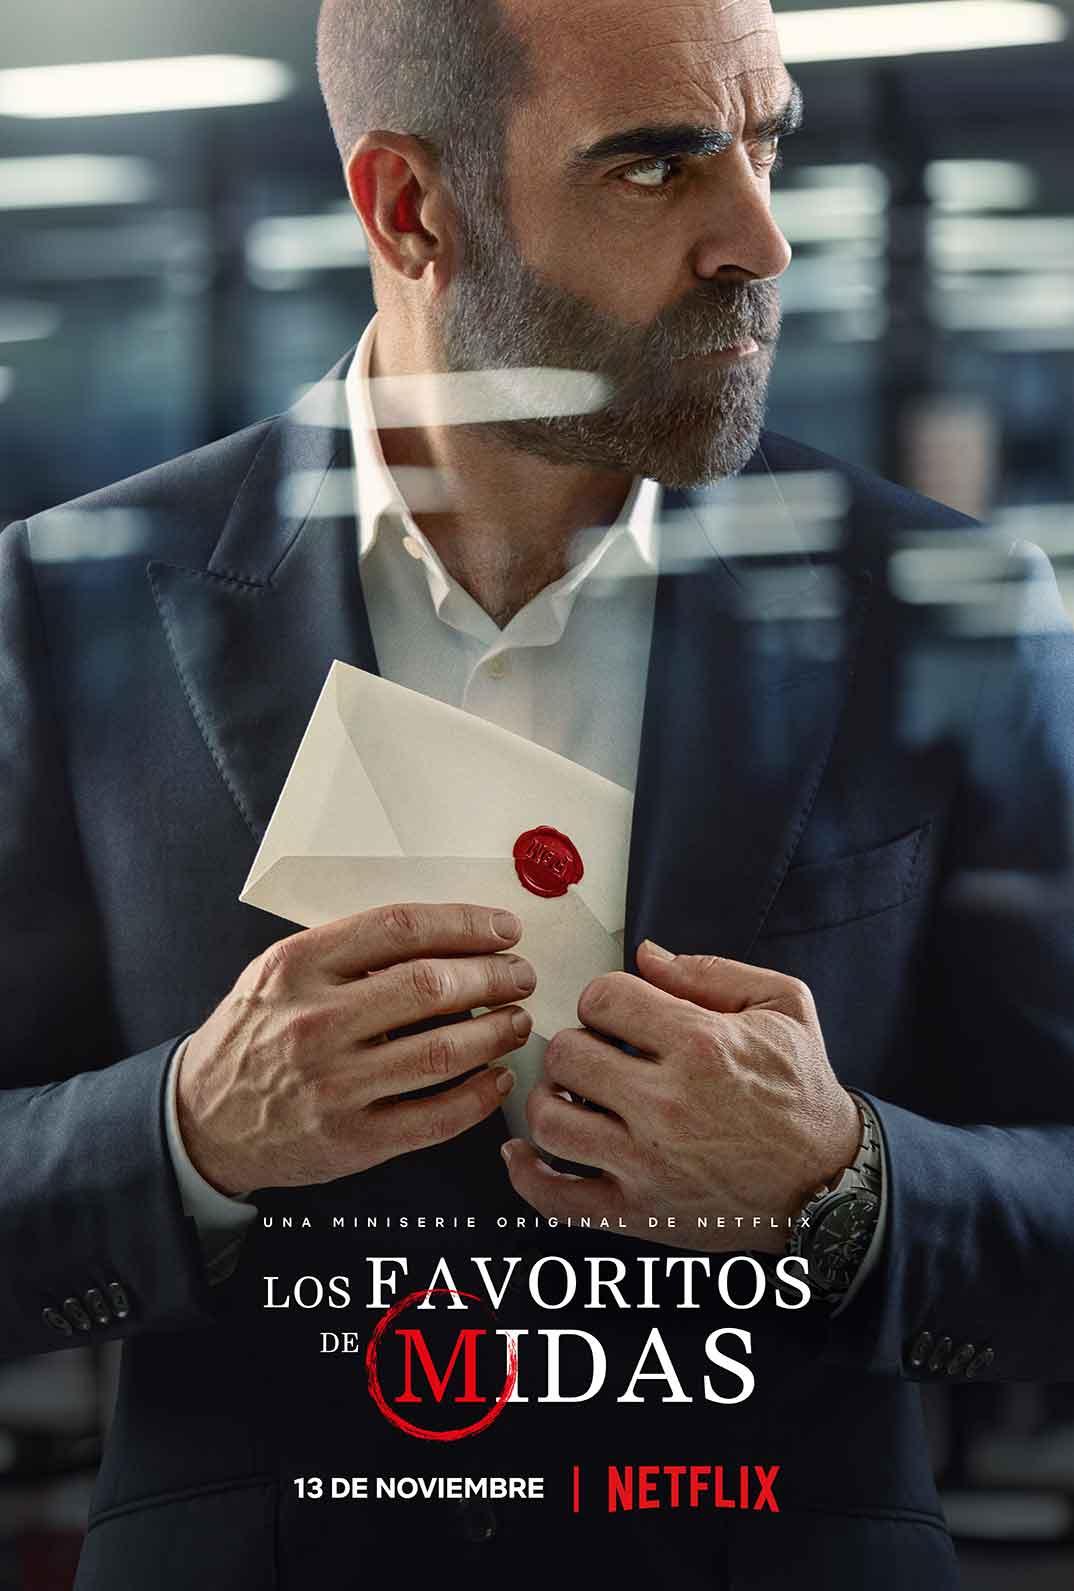 Los favoritos de Midas © Netflix